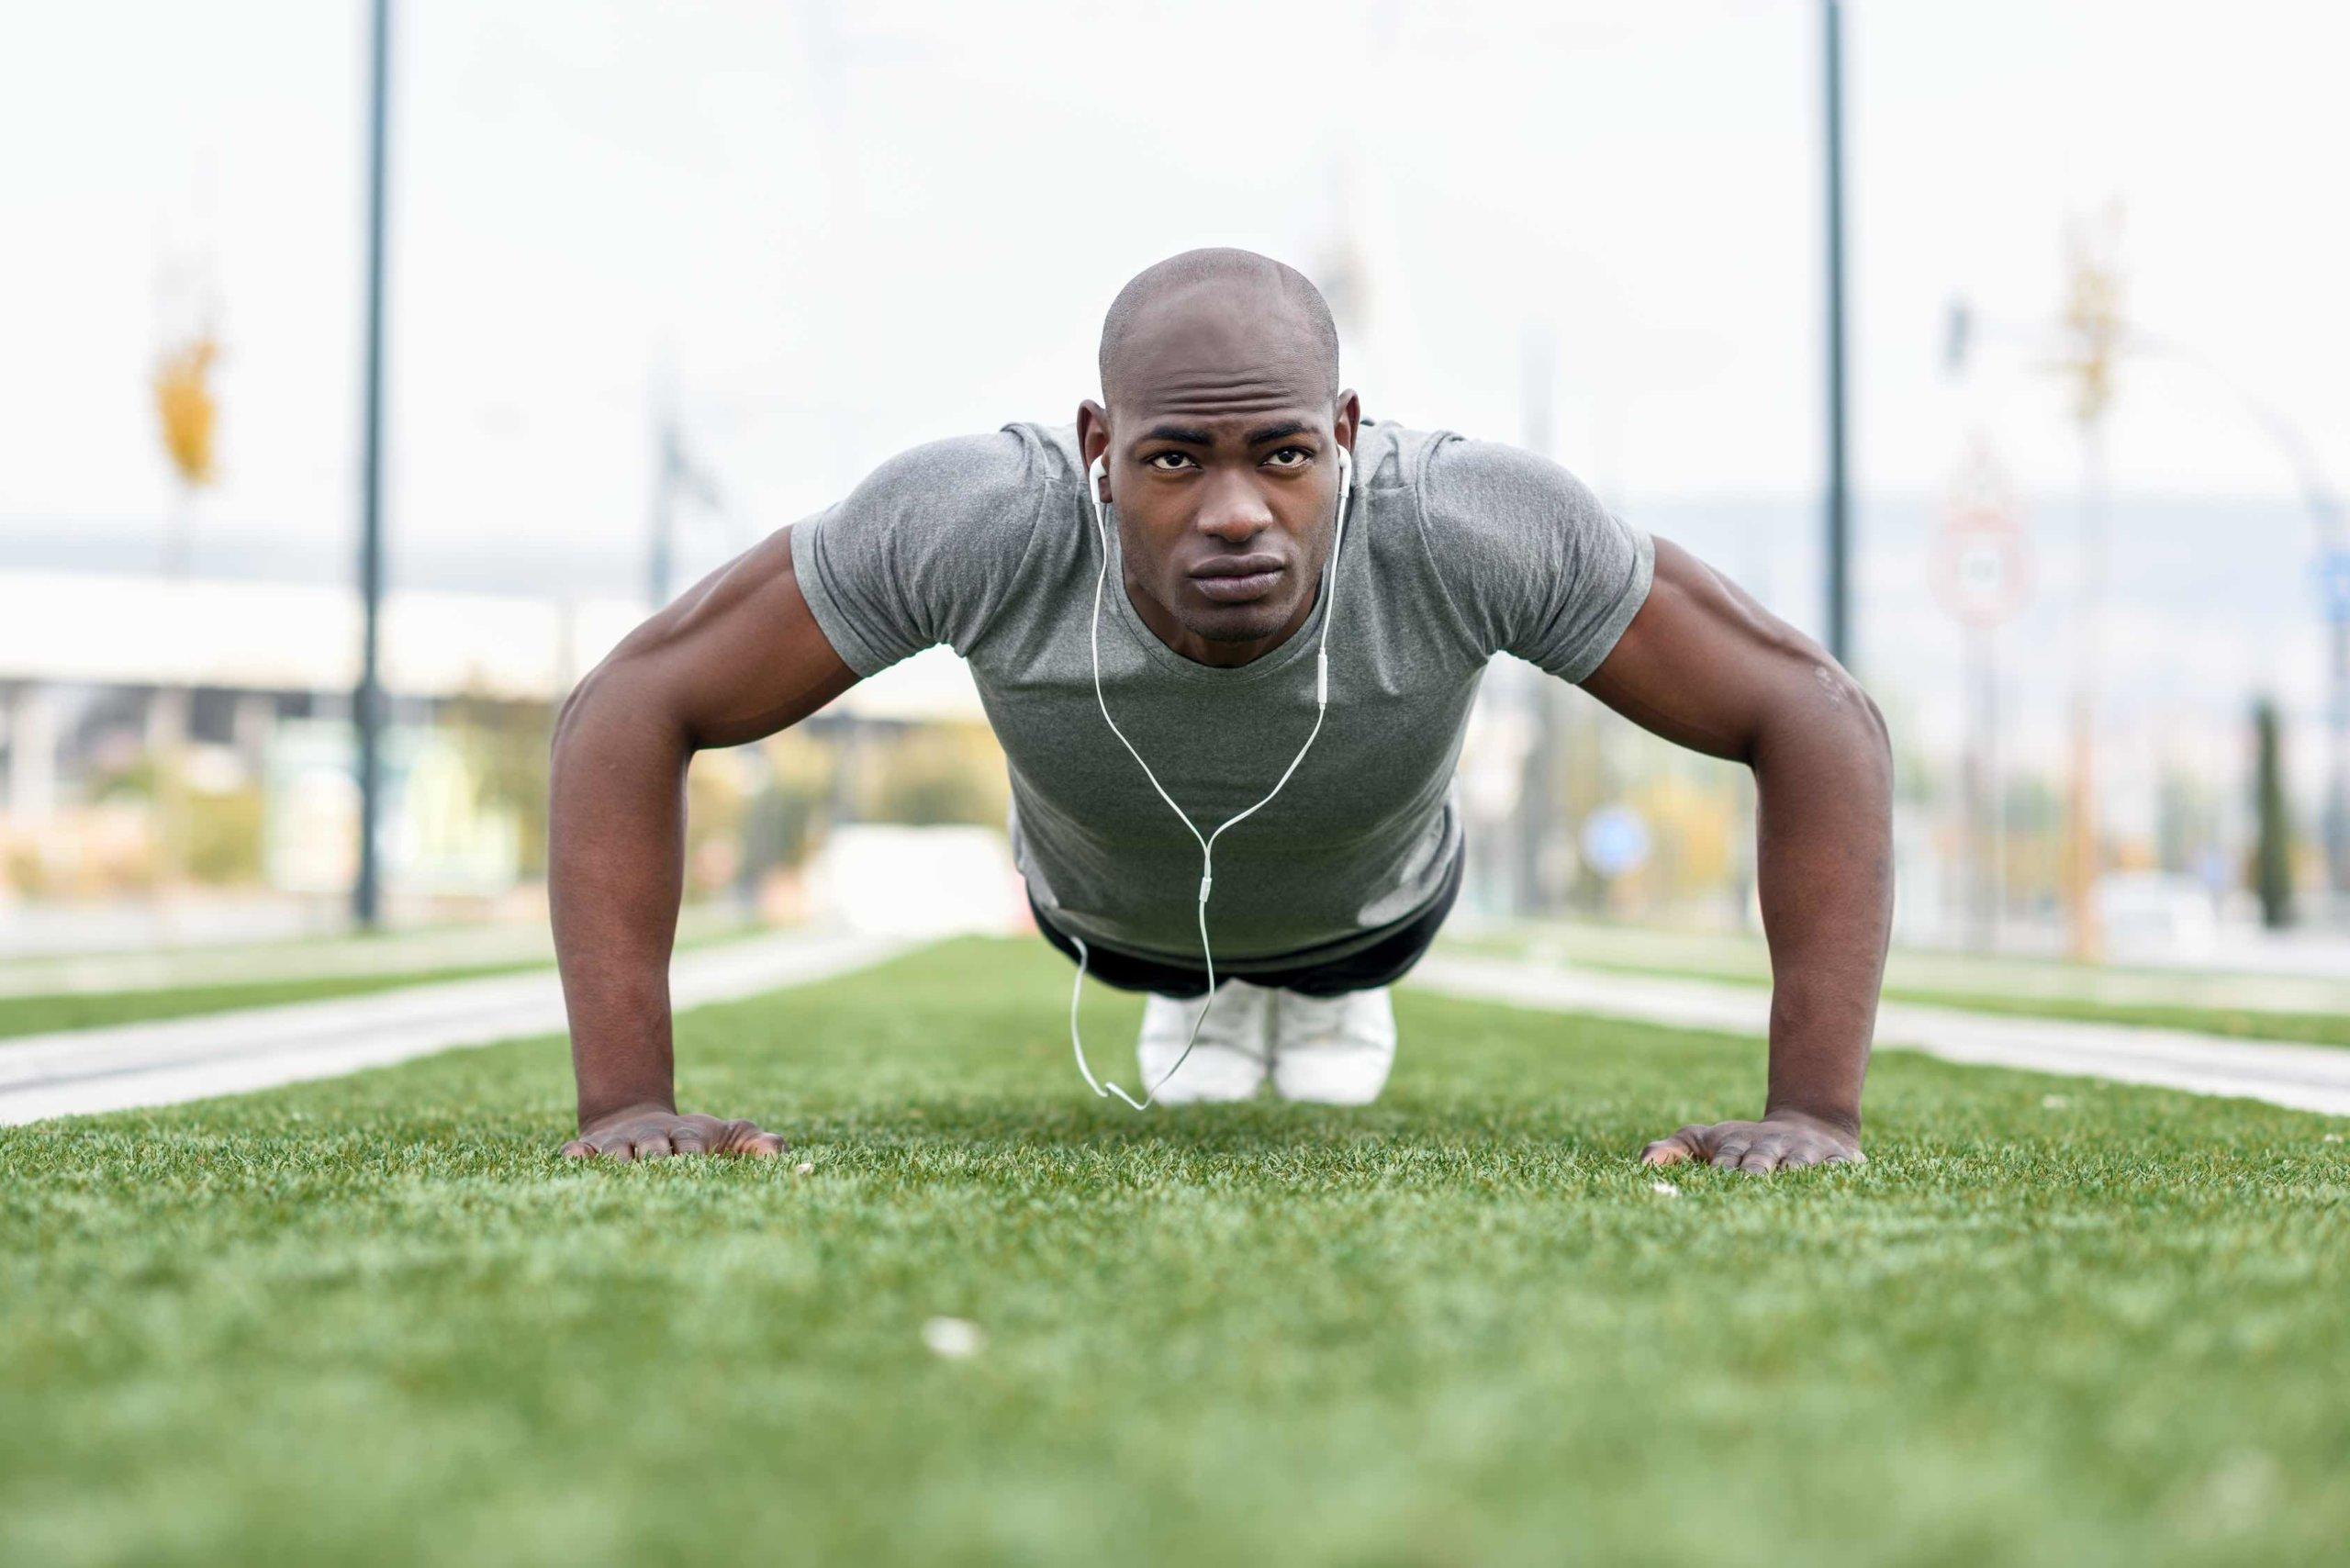 Übungen mit dem eigenen Körpergewicht intensivieren